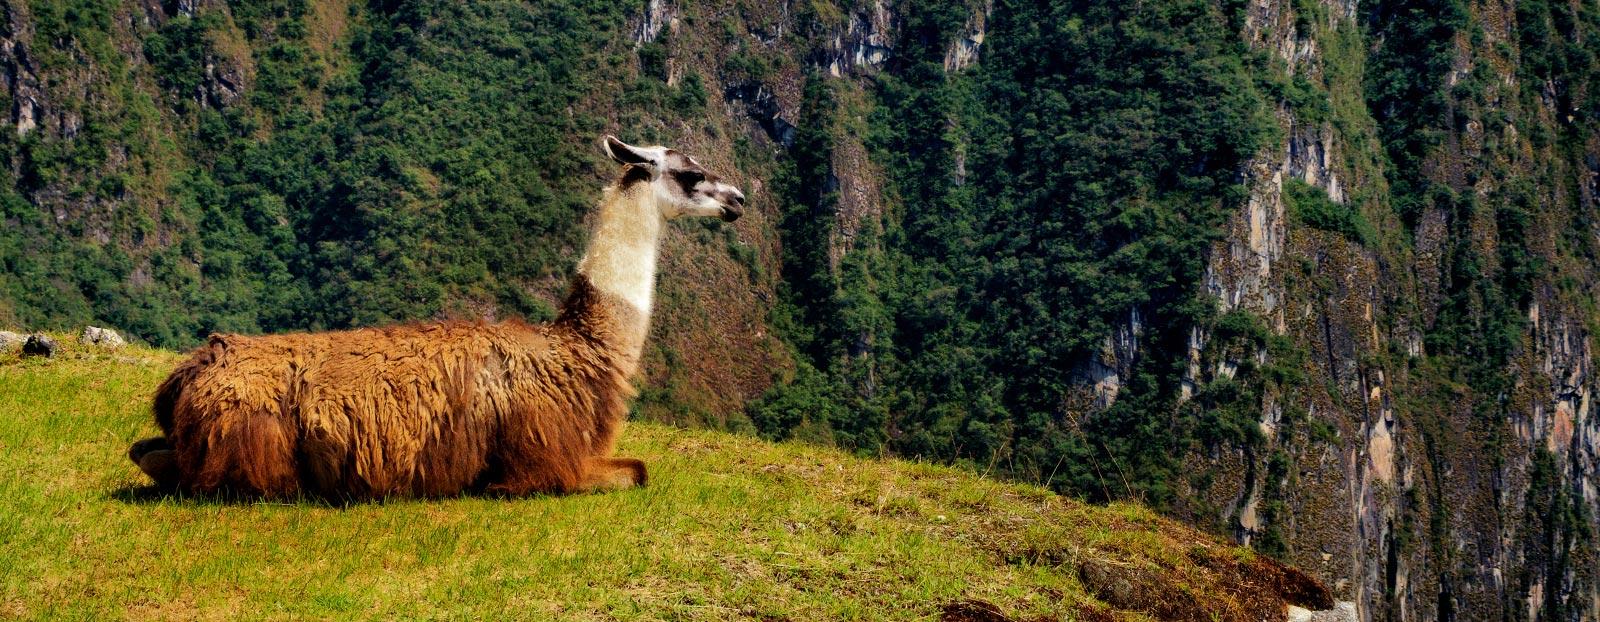 秘鲁风景:藜麦的自然栖息地